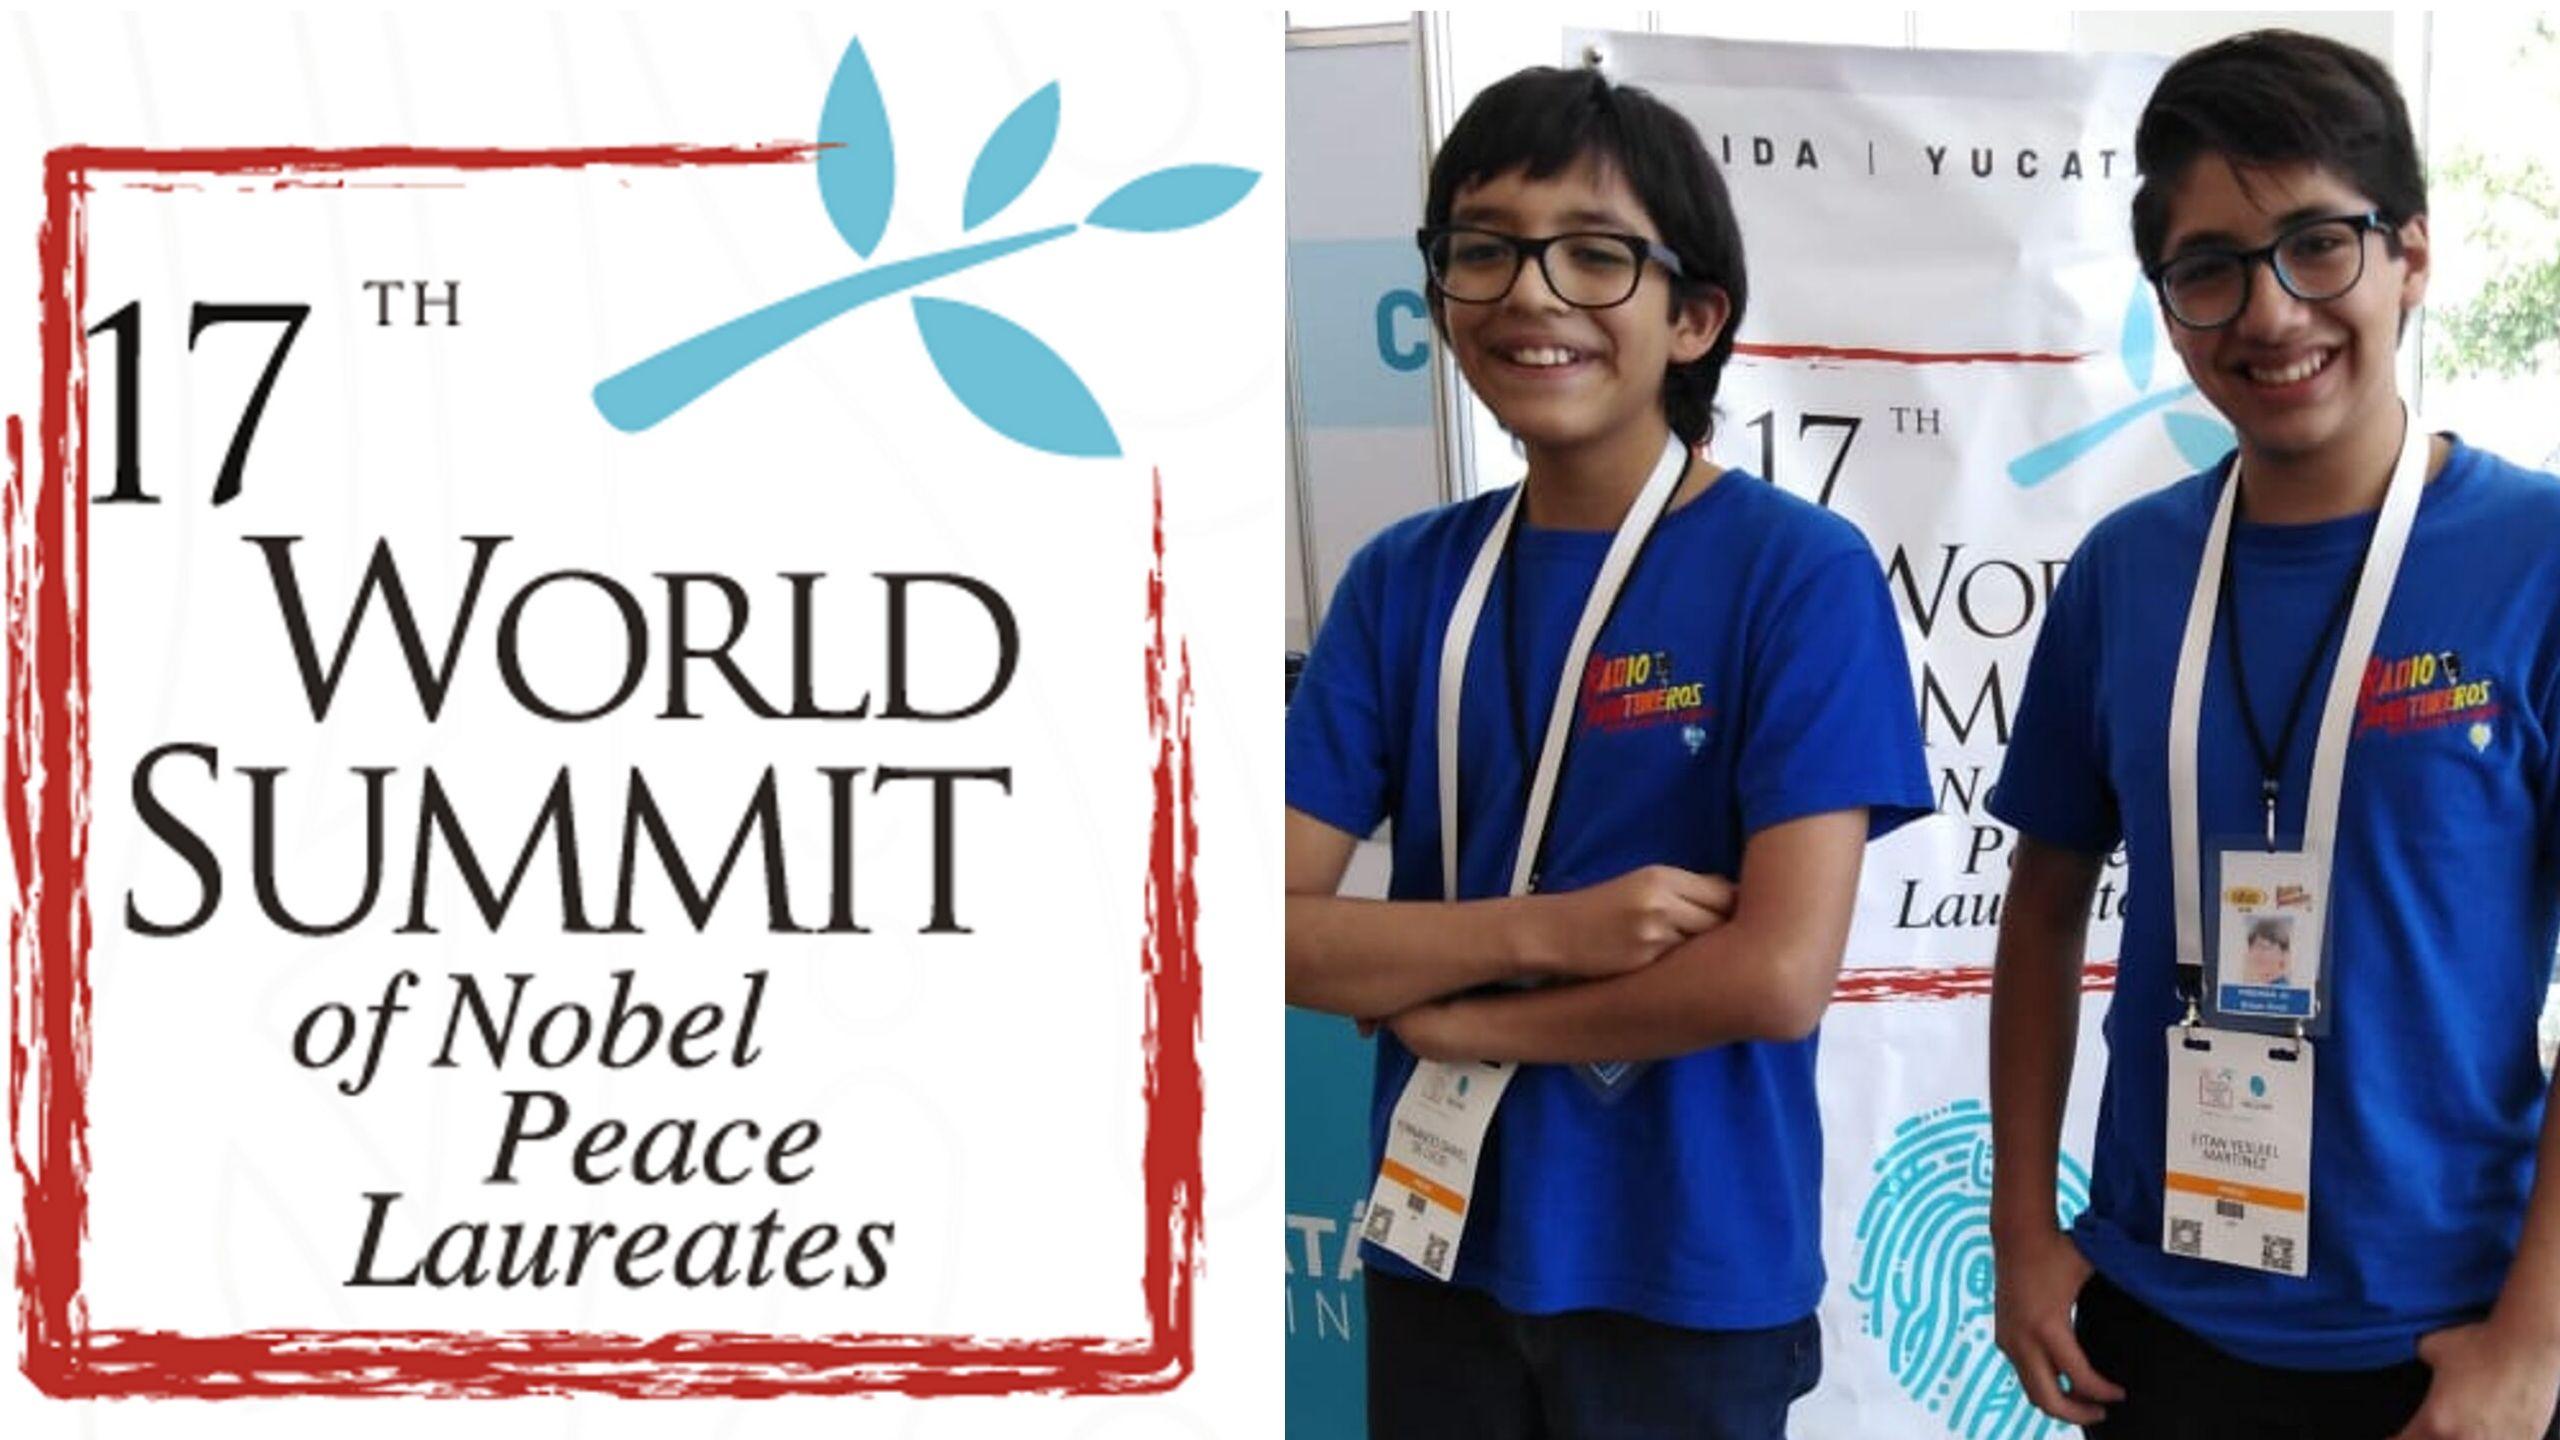 17a Cumbre Mundial de Premios Nobel de la Paz contará con la presencia de ABC Radio